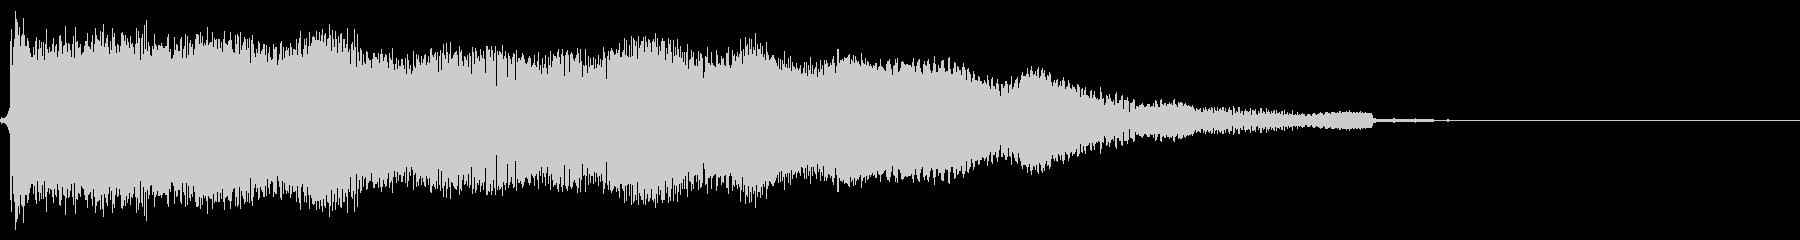 キュイーン(エレキギタースライド)UPの未再生の波形